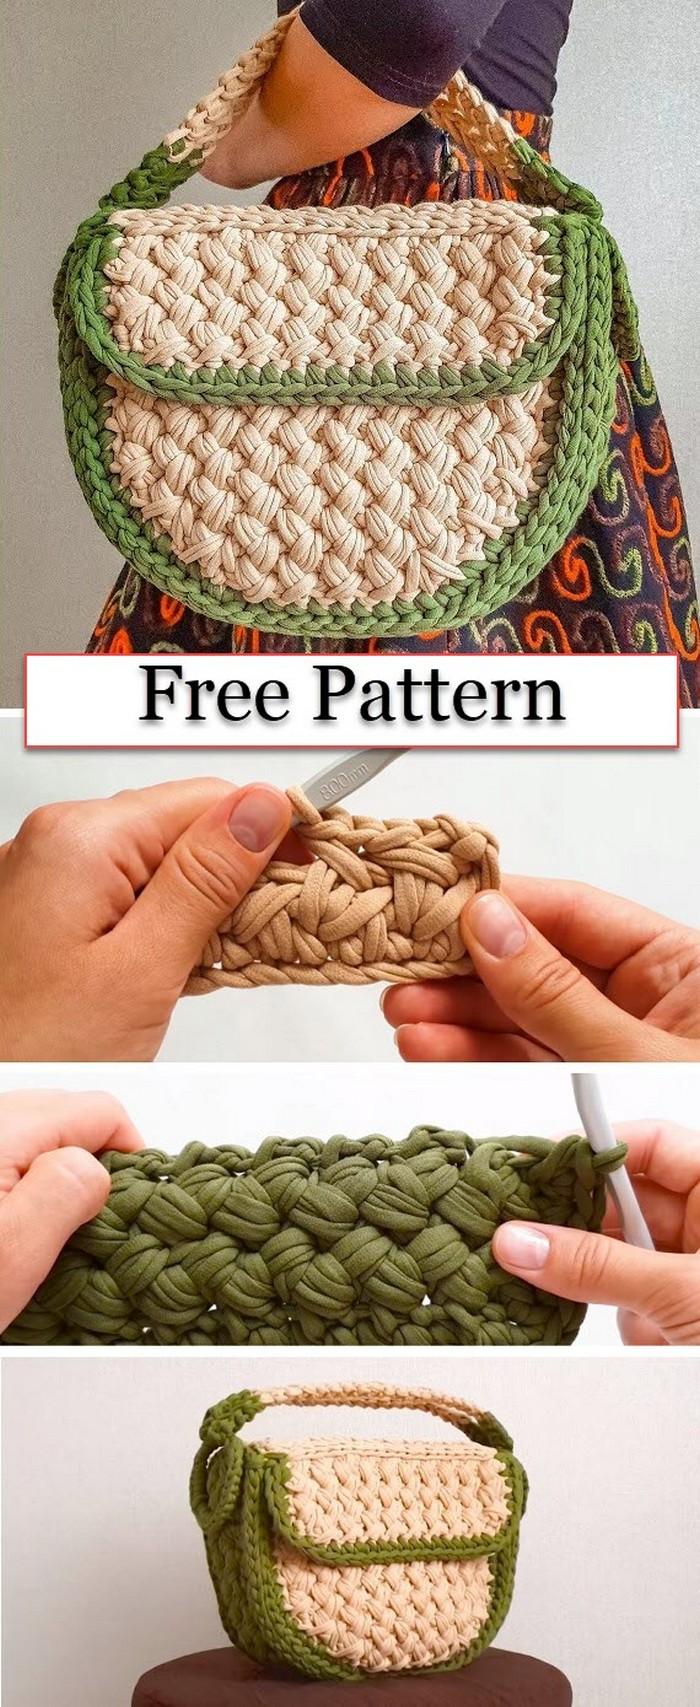 Crochet Pretty Handbag